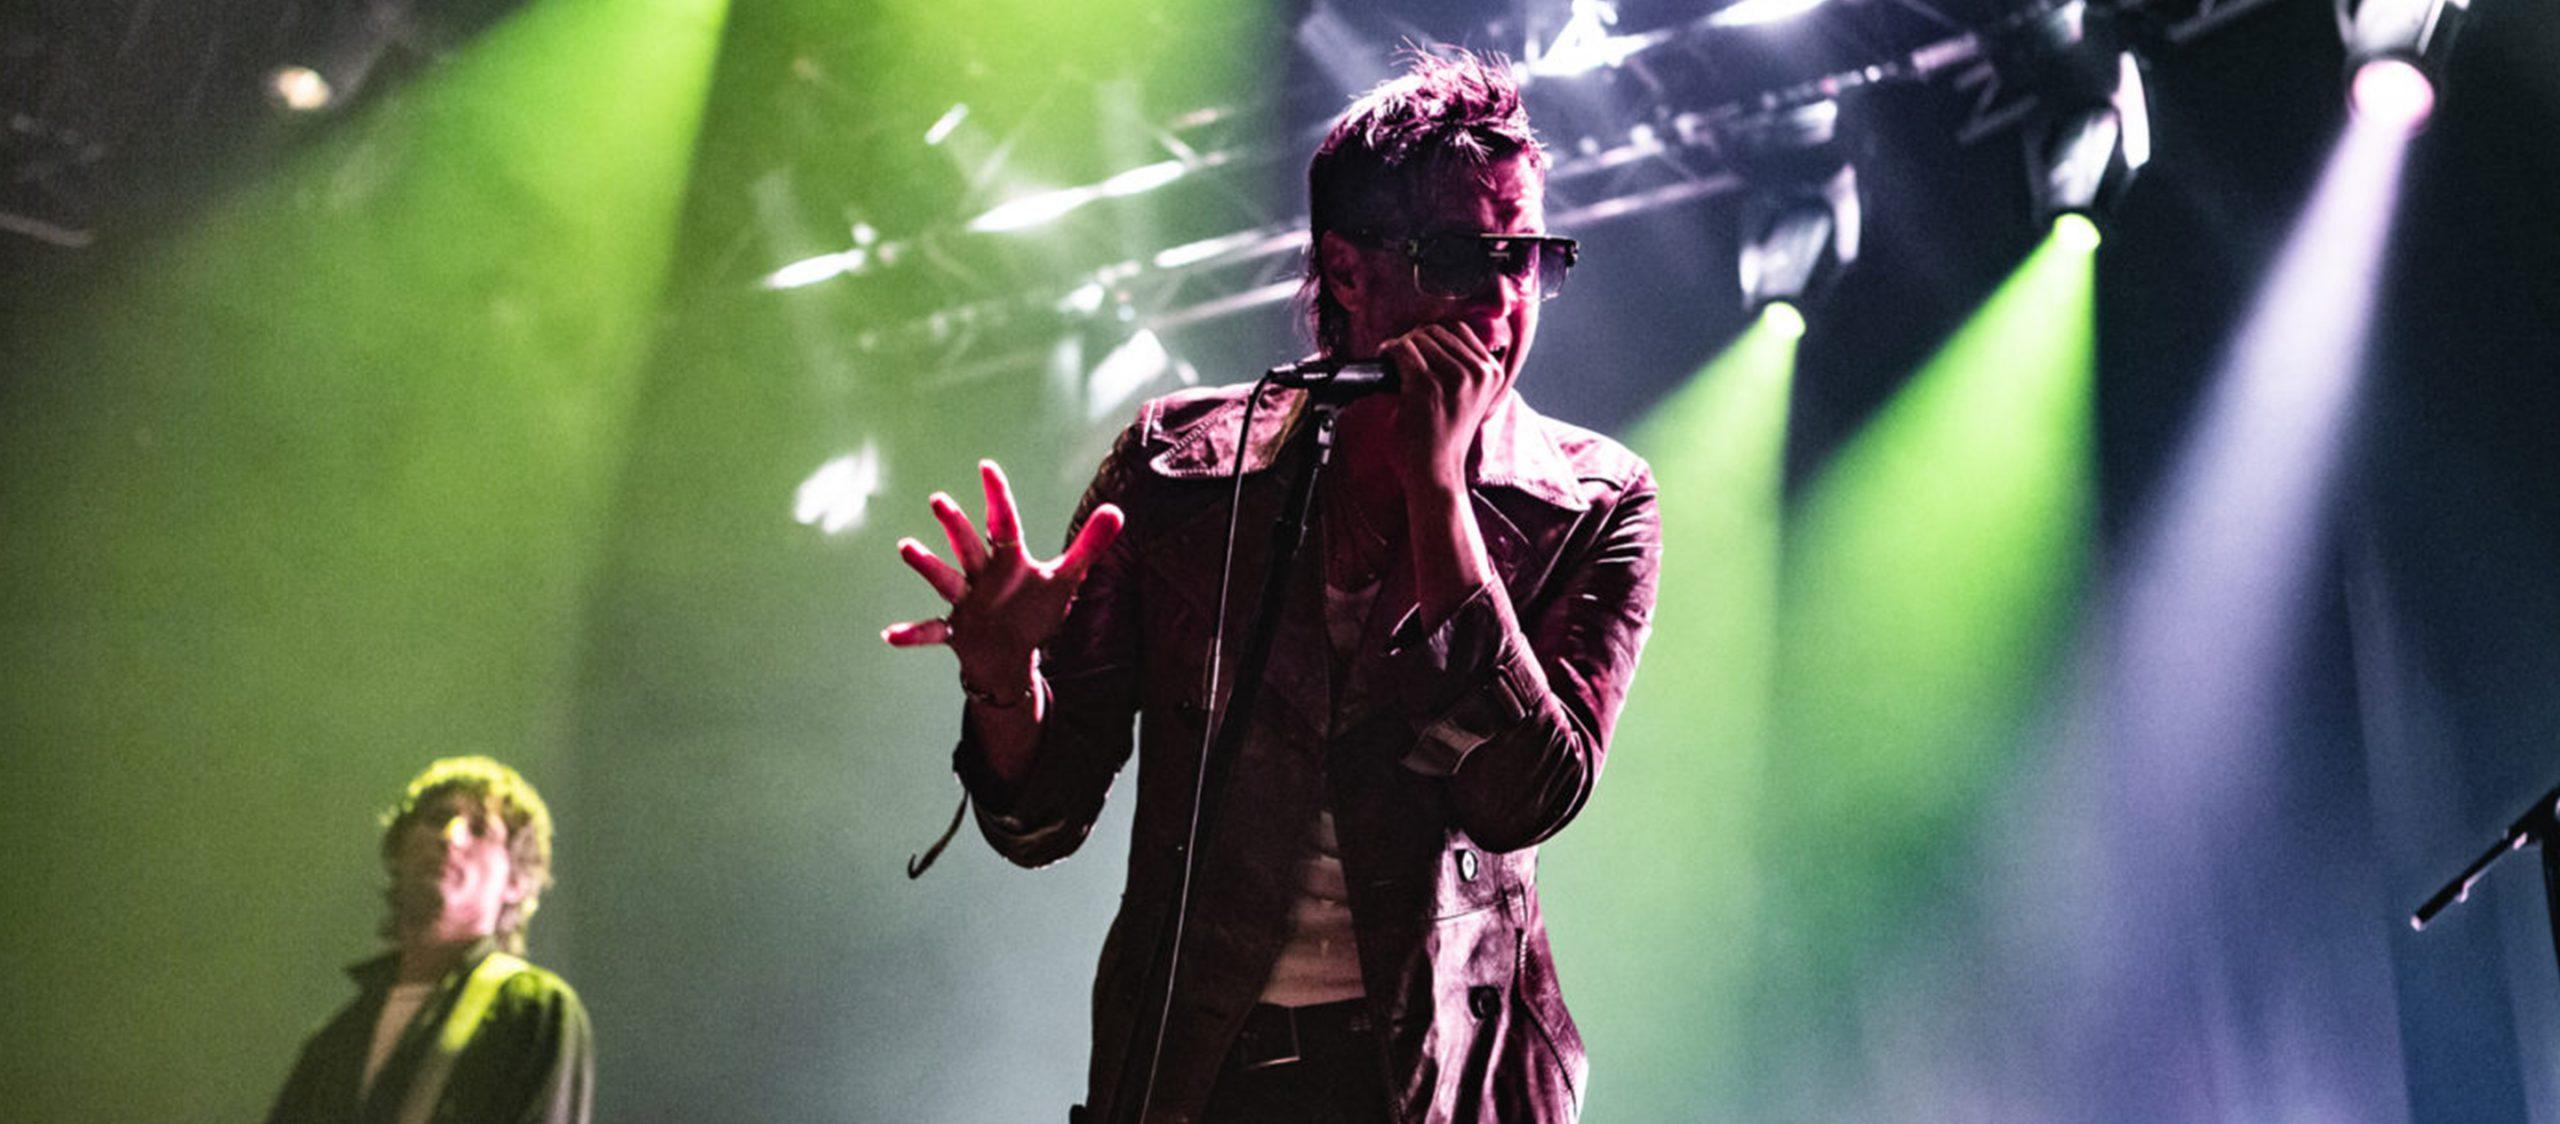 แม่นเหมือนตาเห็น The New Abnormal ชื่ออัลบั้มใหม่ของ The Strokes ที่ไปพ้องกับภูมิทัศน์โลกหลังโควิด